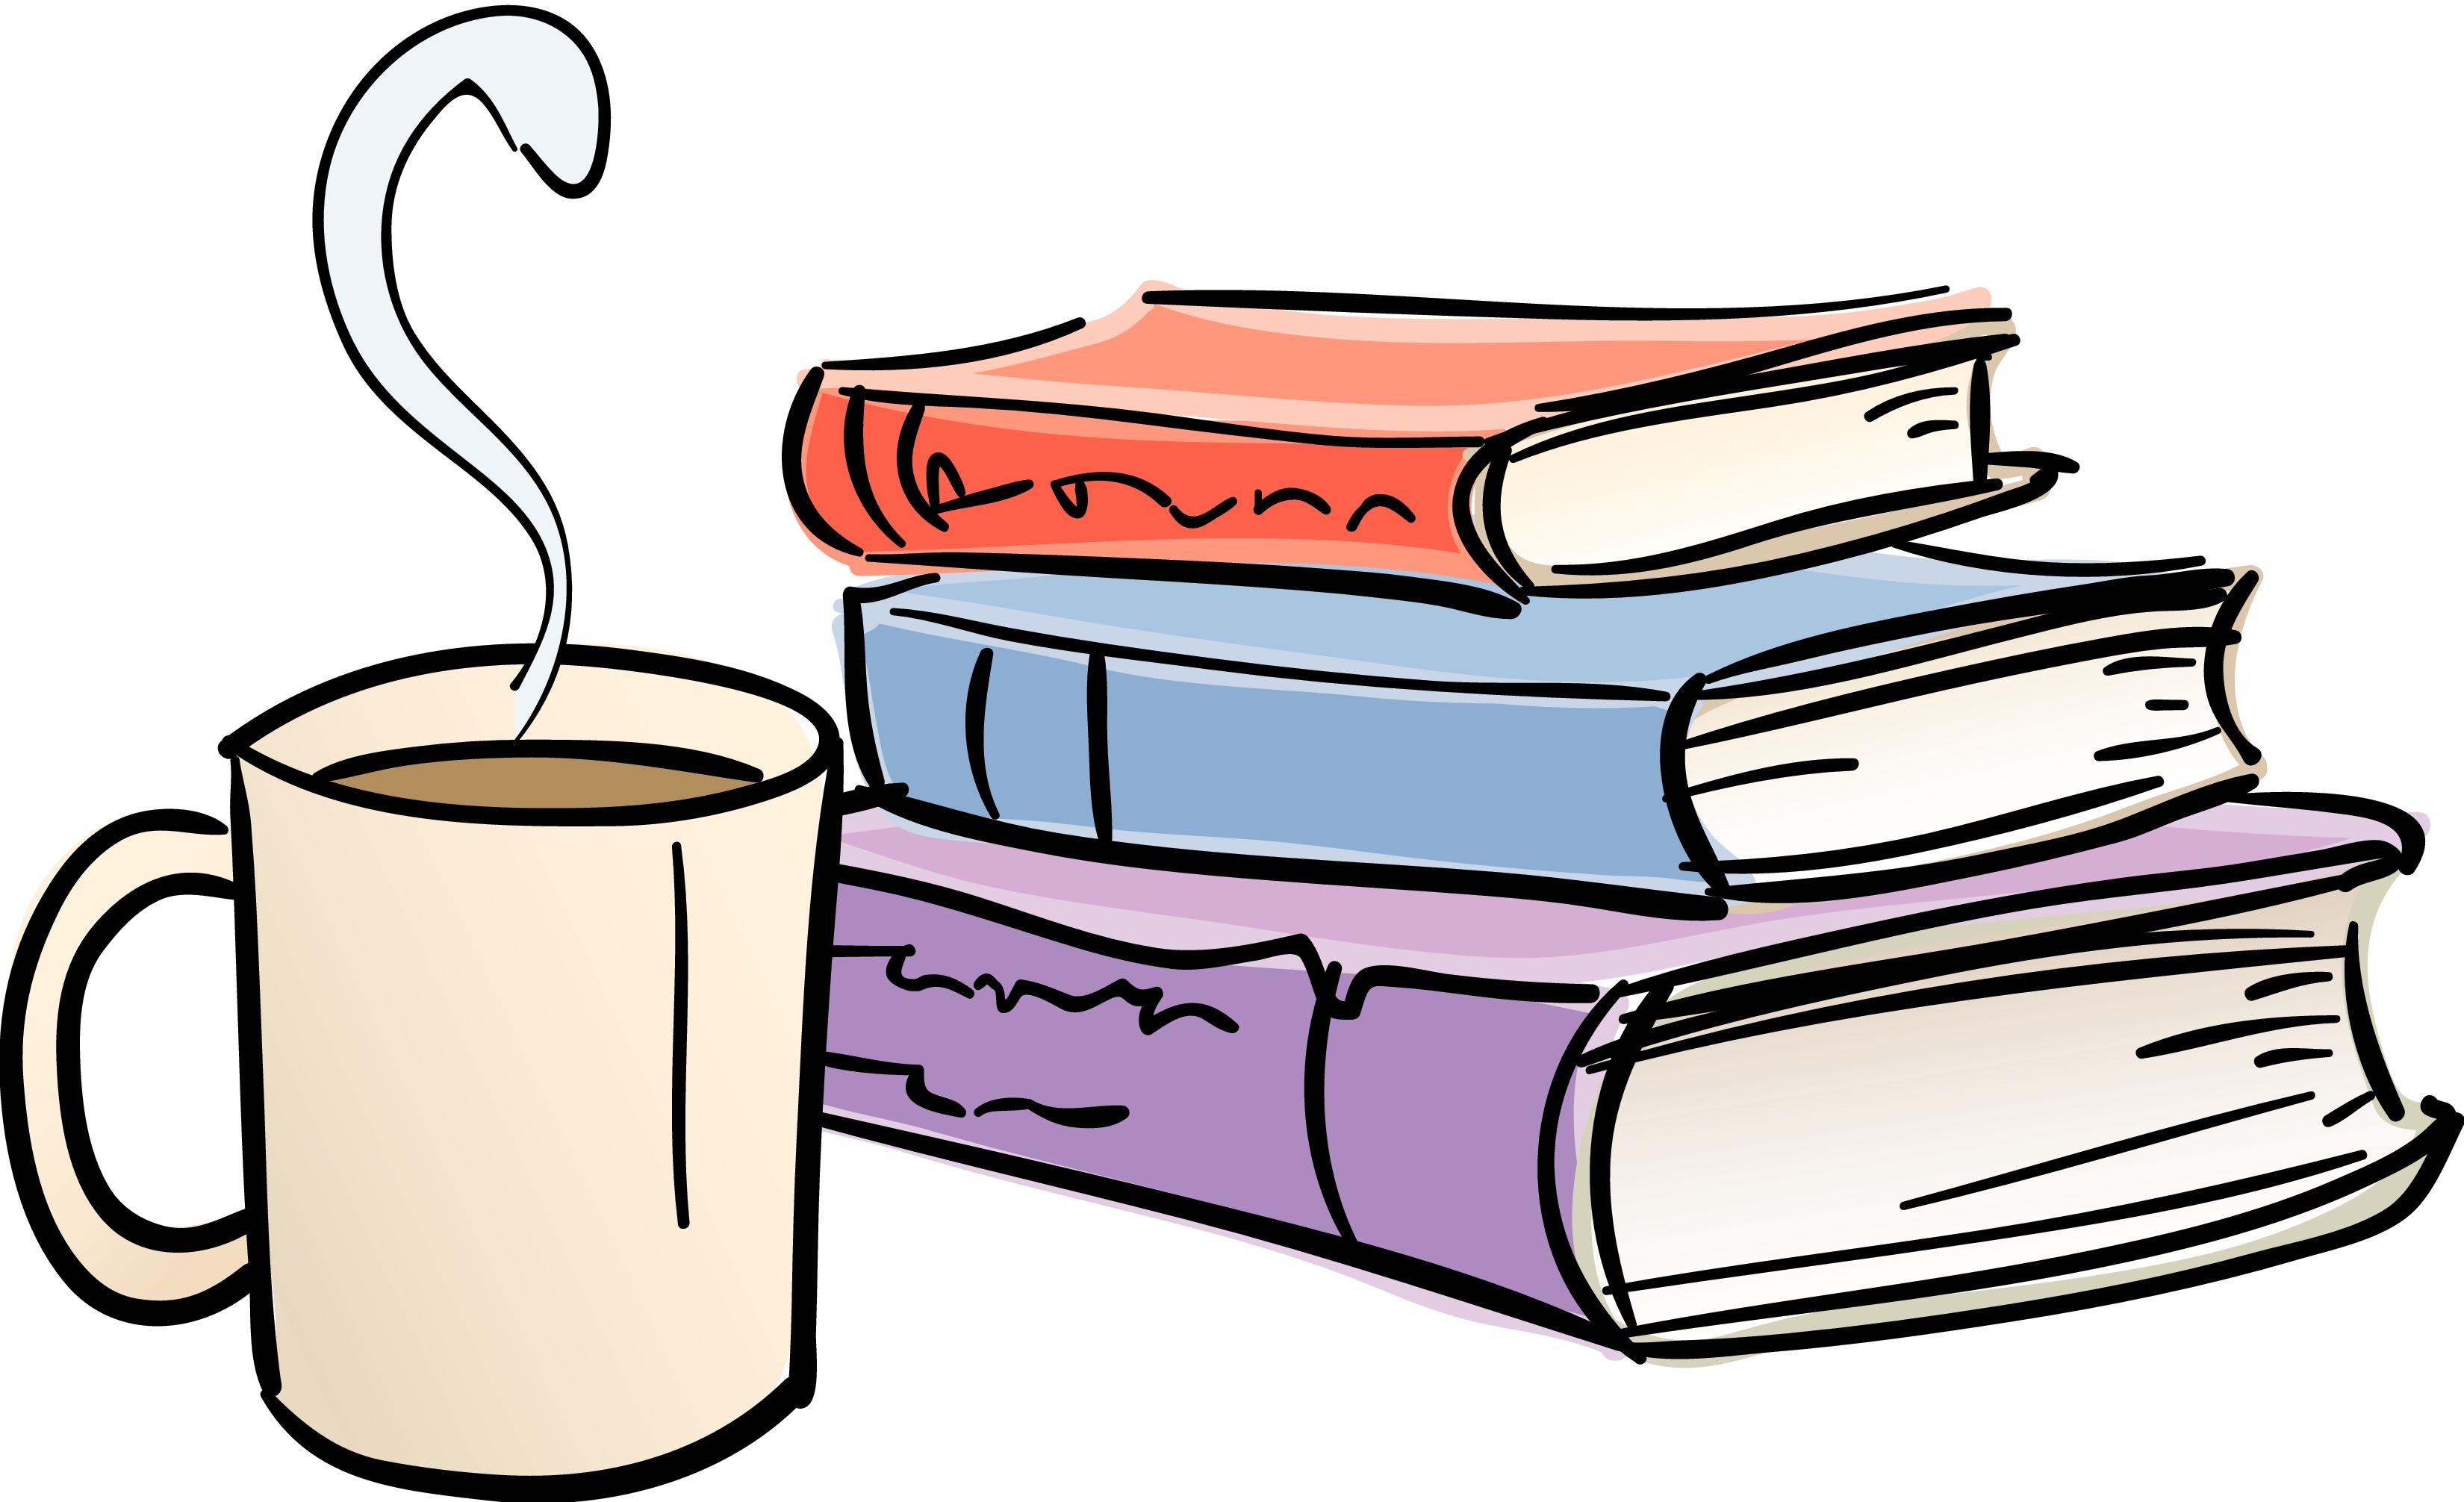 Risultati immagini per study books